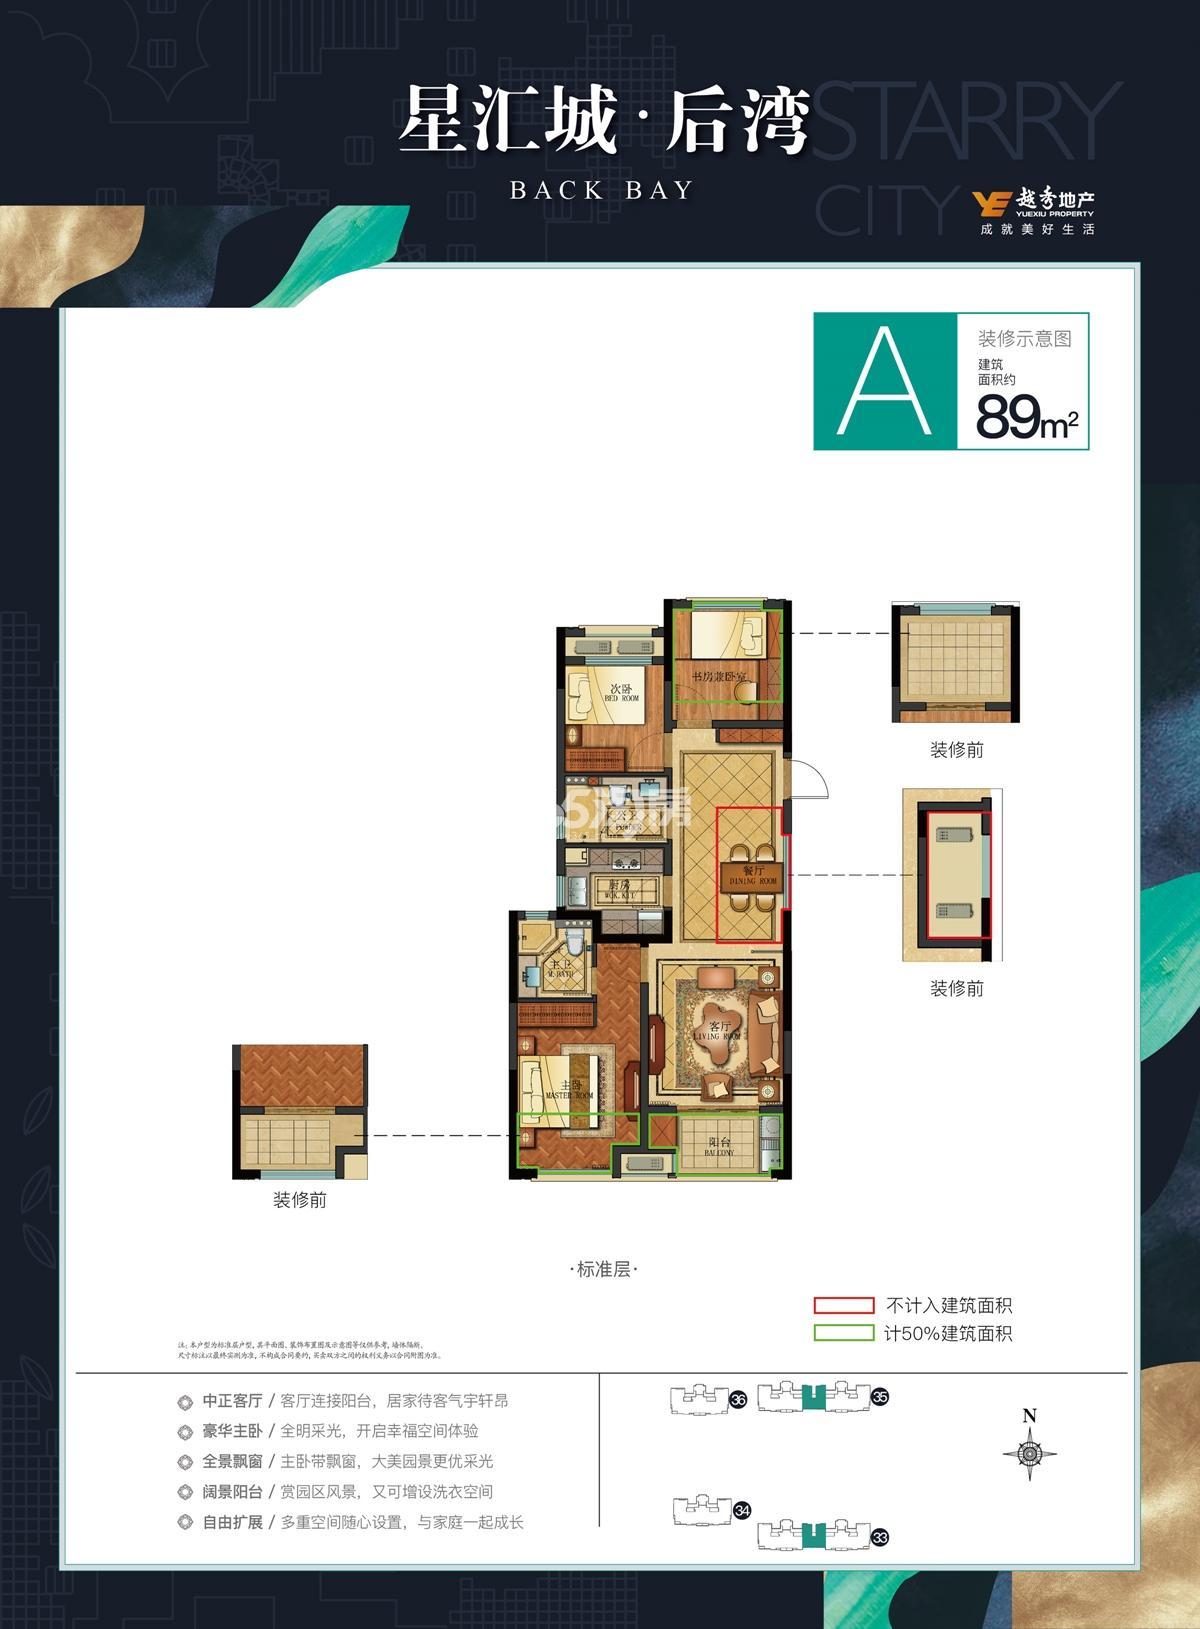 越秀星汇城F区后湾A户型89方(33、36#)